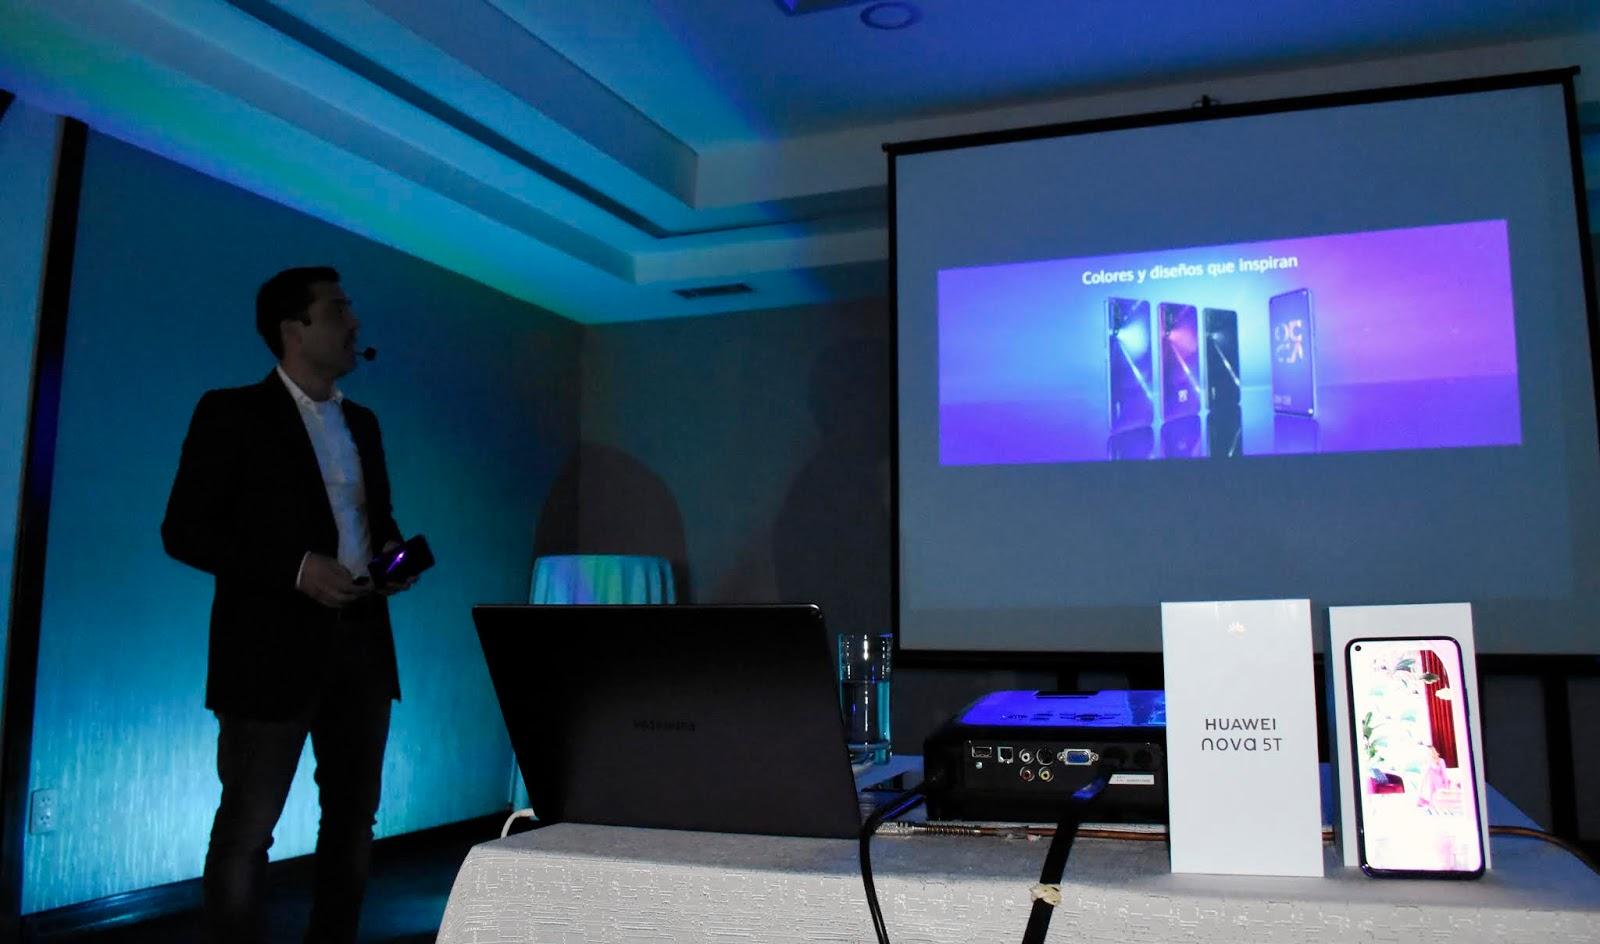 La presentación del nuevo dispositivo de última generación en La Paz / ALEJANDRO GARCÍA